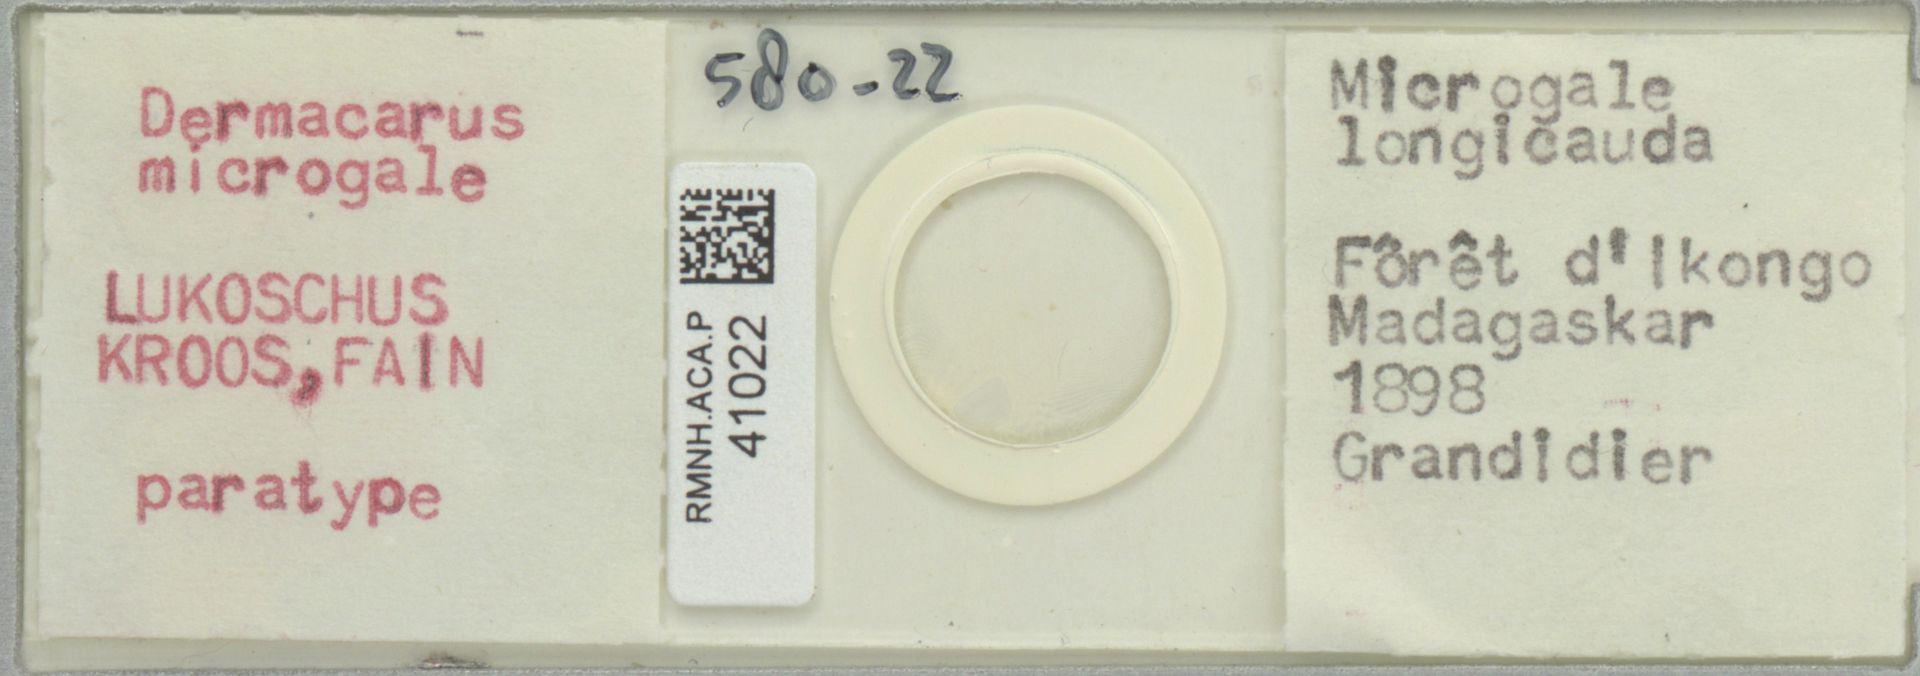 RMNH.ACA.P.41022 | Dermacarus microgale Lukoschus, Kroos & Fain